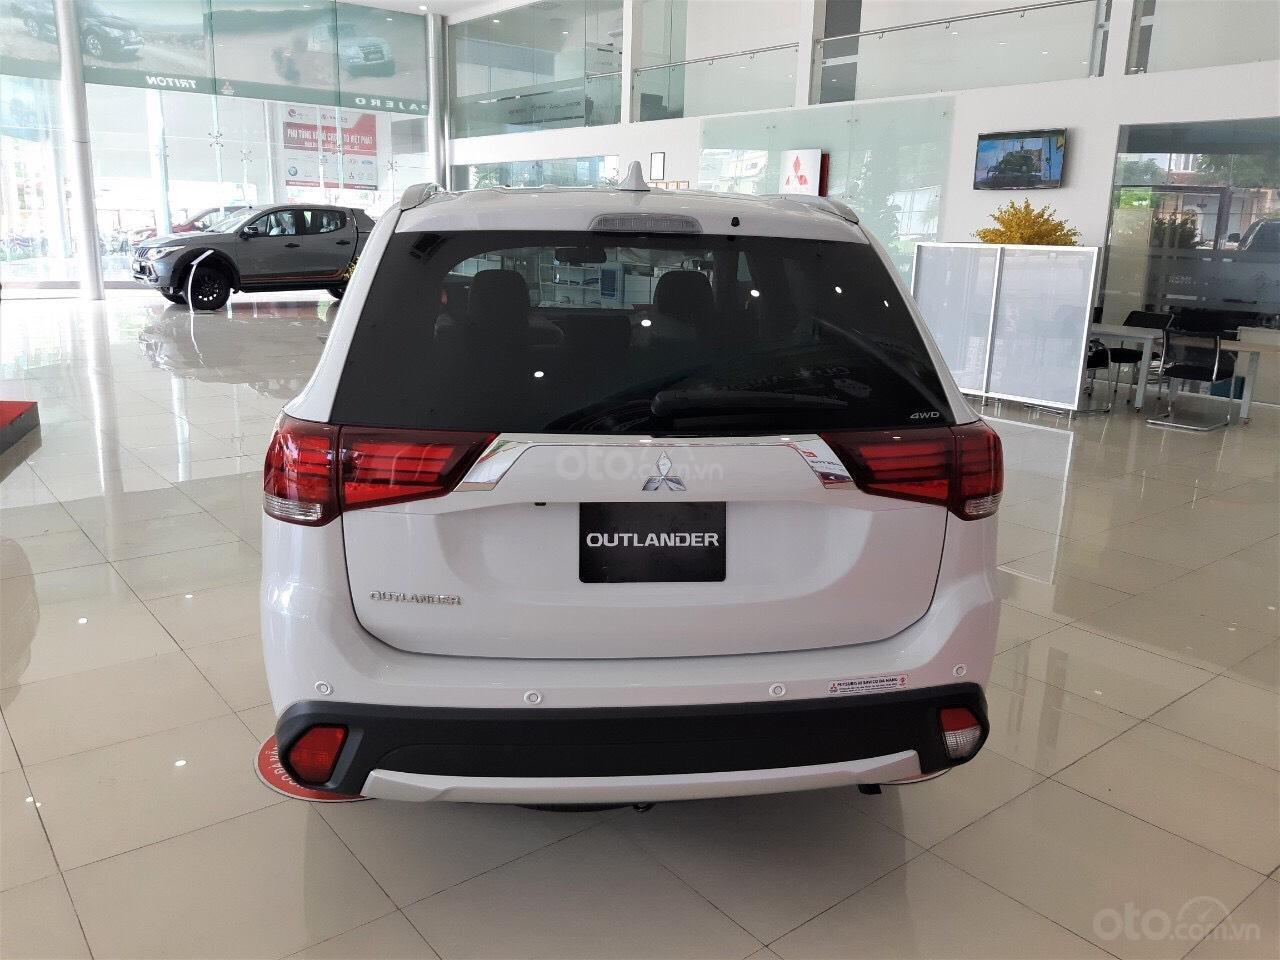 """""""Hot"""" bán xe Mitsubishi Outlander 2019, 7 chỗ, tiết kiệm, trả góp 80%, liên hệ: 0935.782.728 để nhận nhiều ưu đãi (4)"""